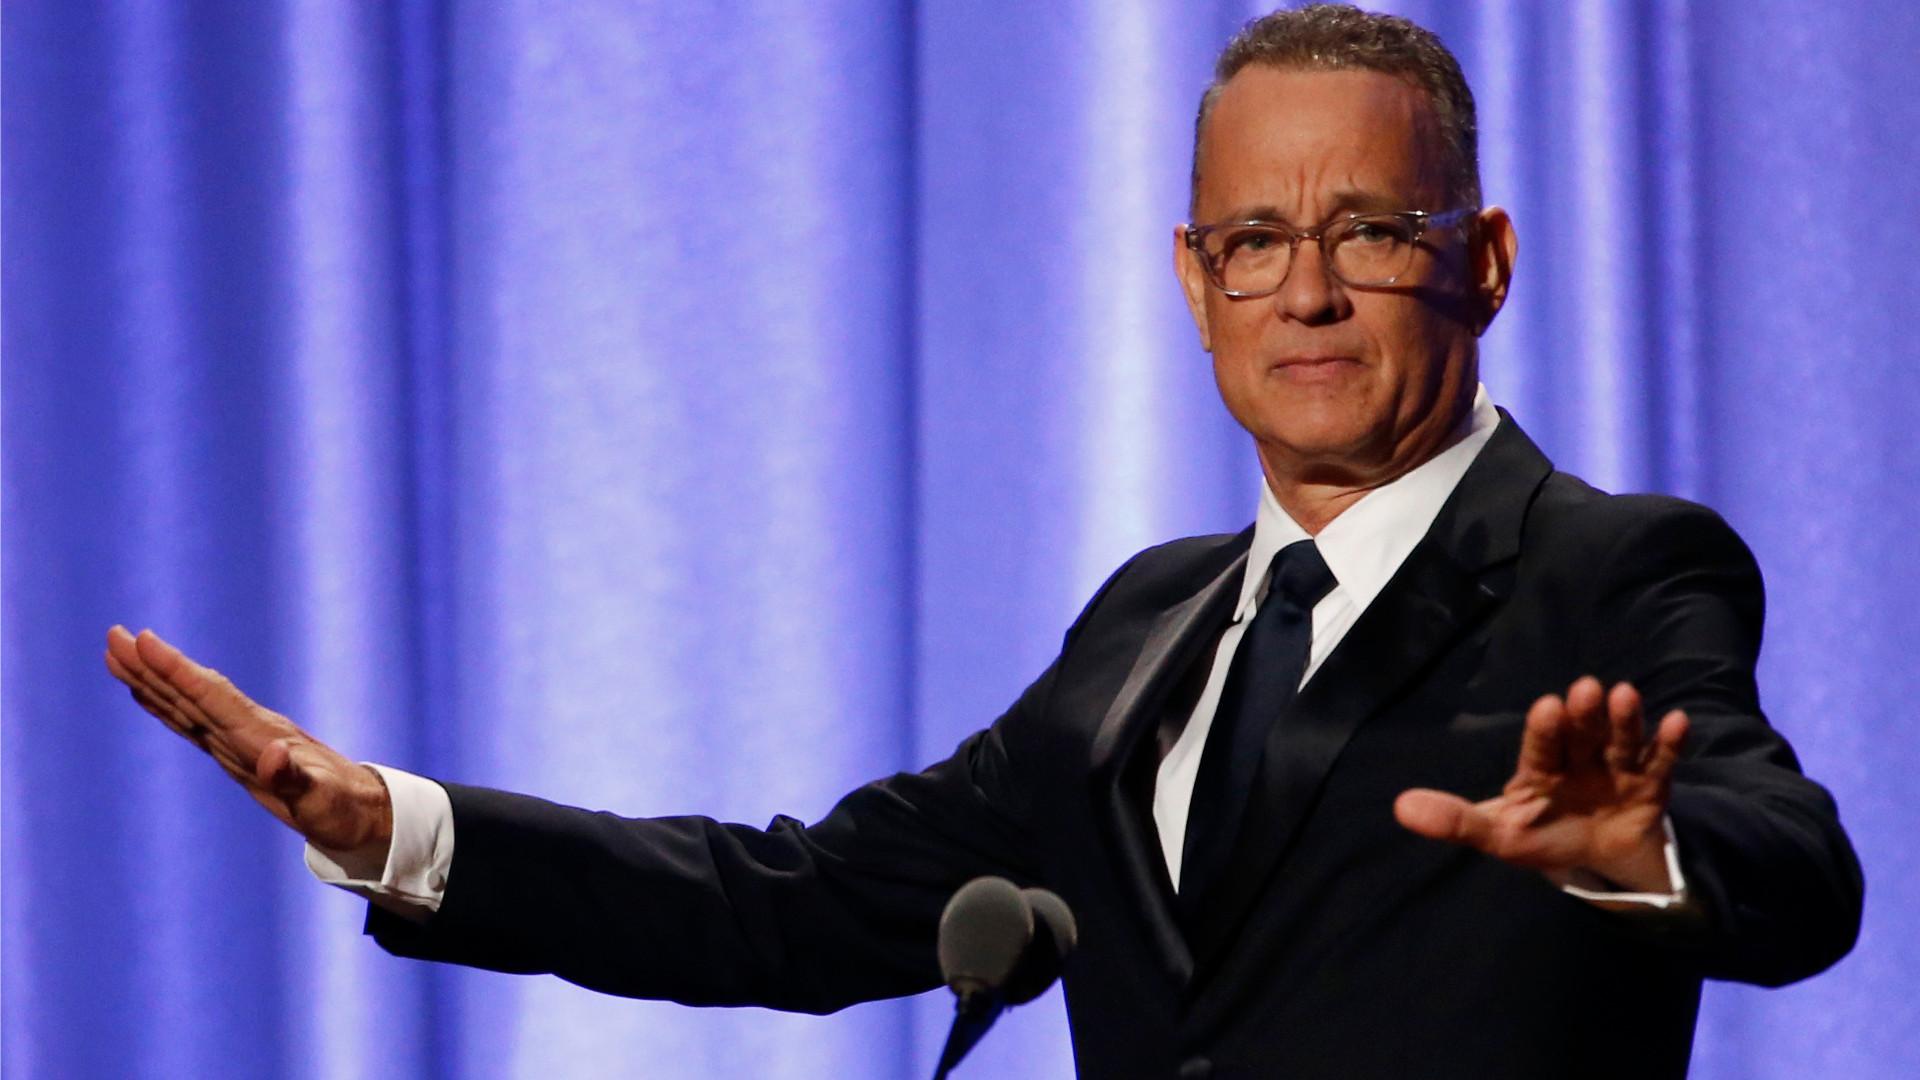 Tom Hanks ma już Malucha, teraz szuka Syrenki dla polskiego szpitala